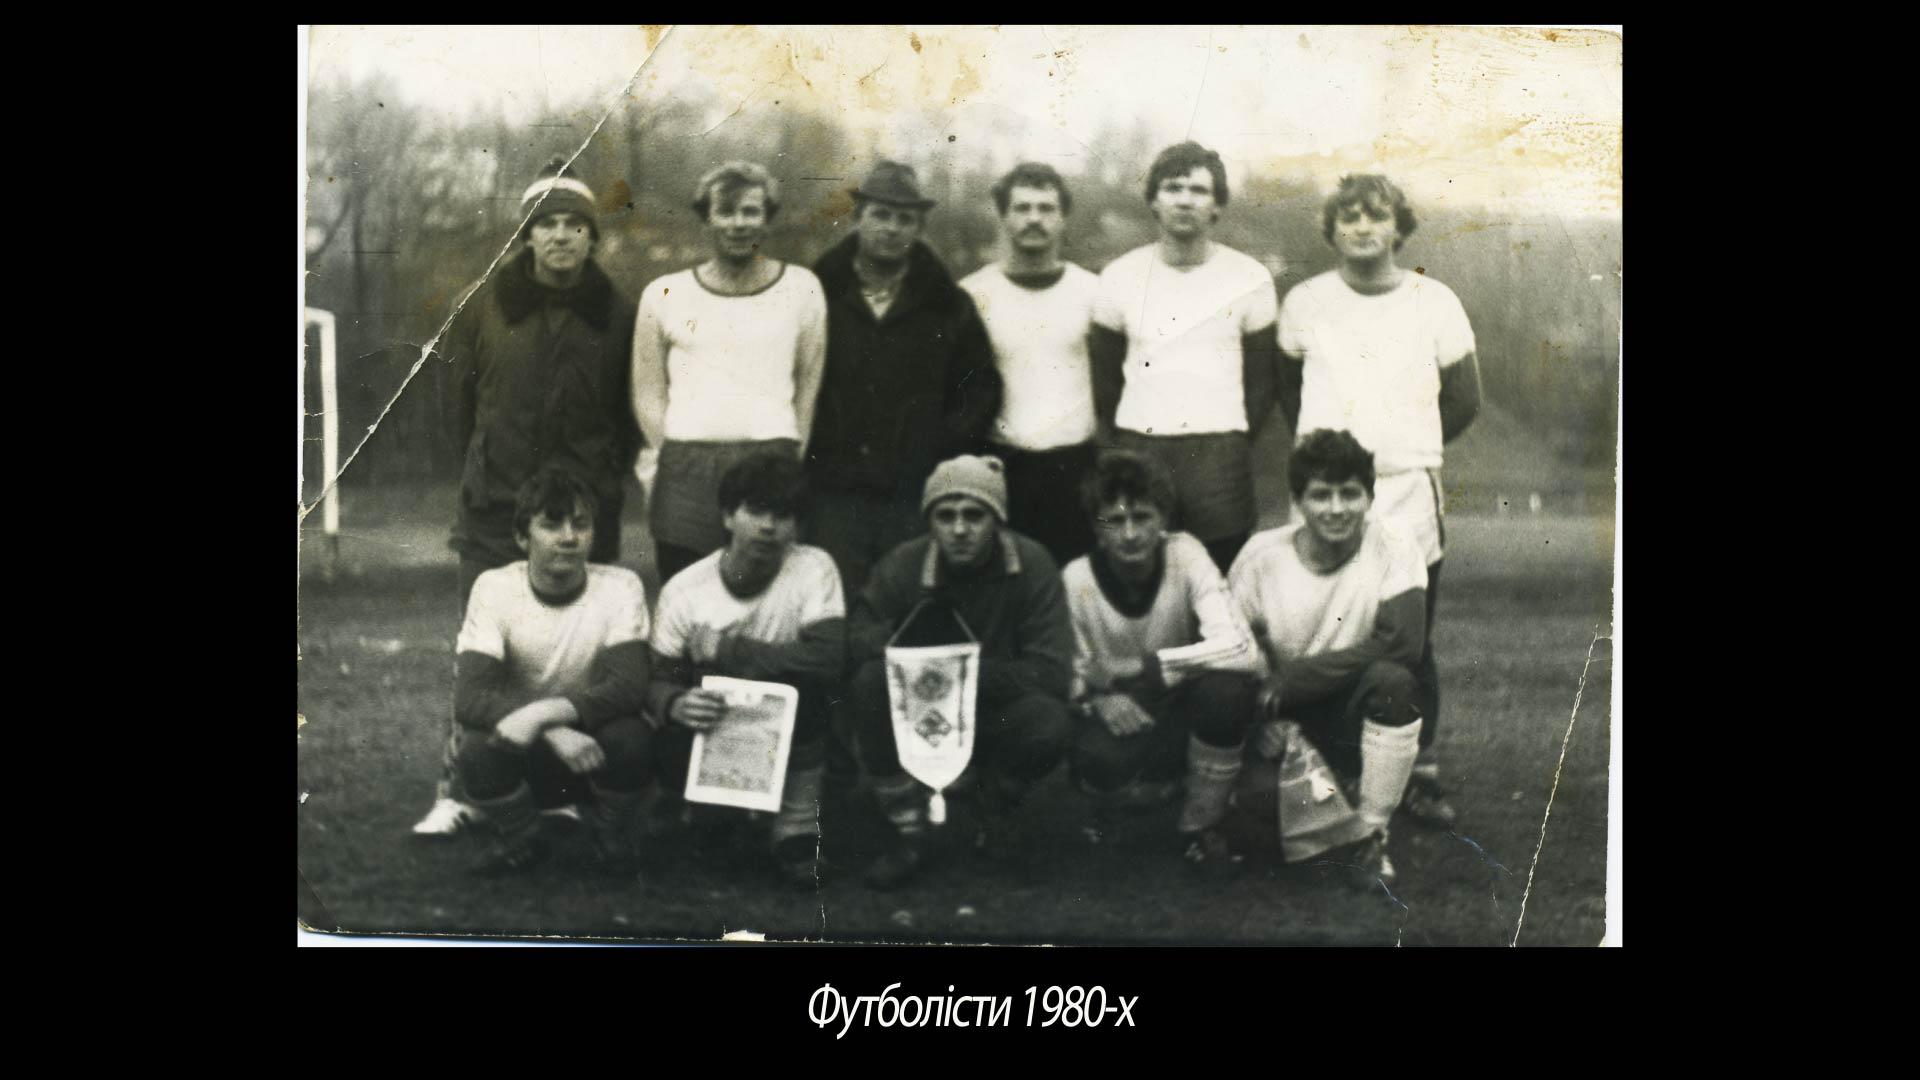 Футболісти 1980-х рр